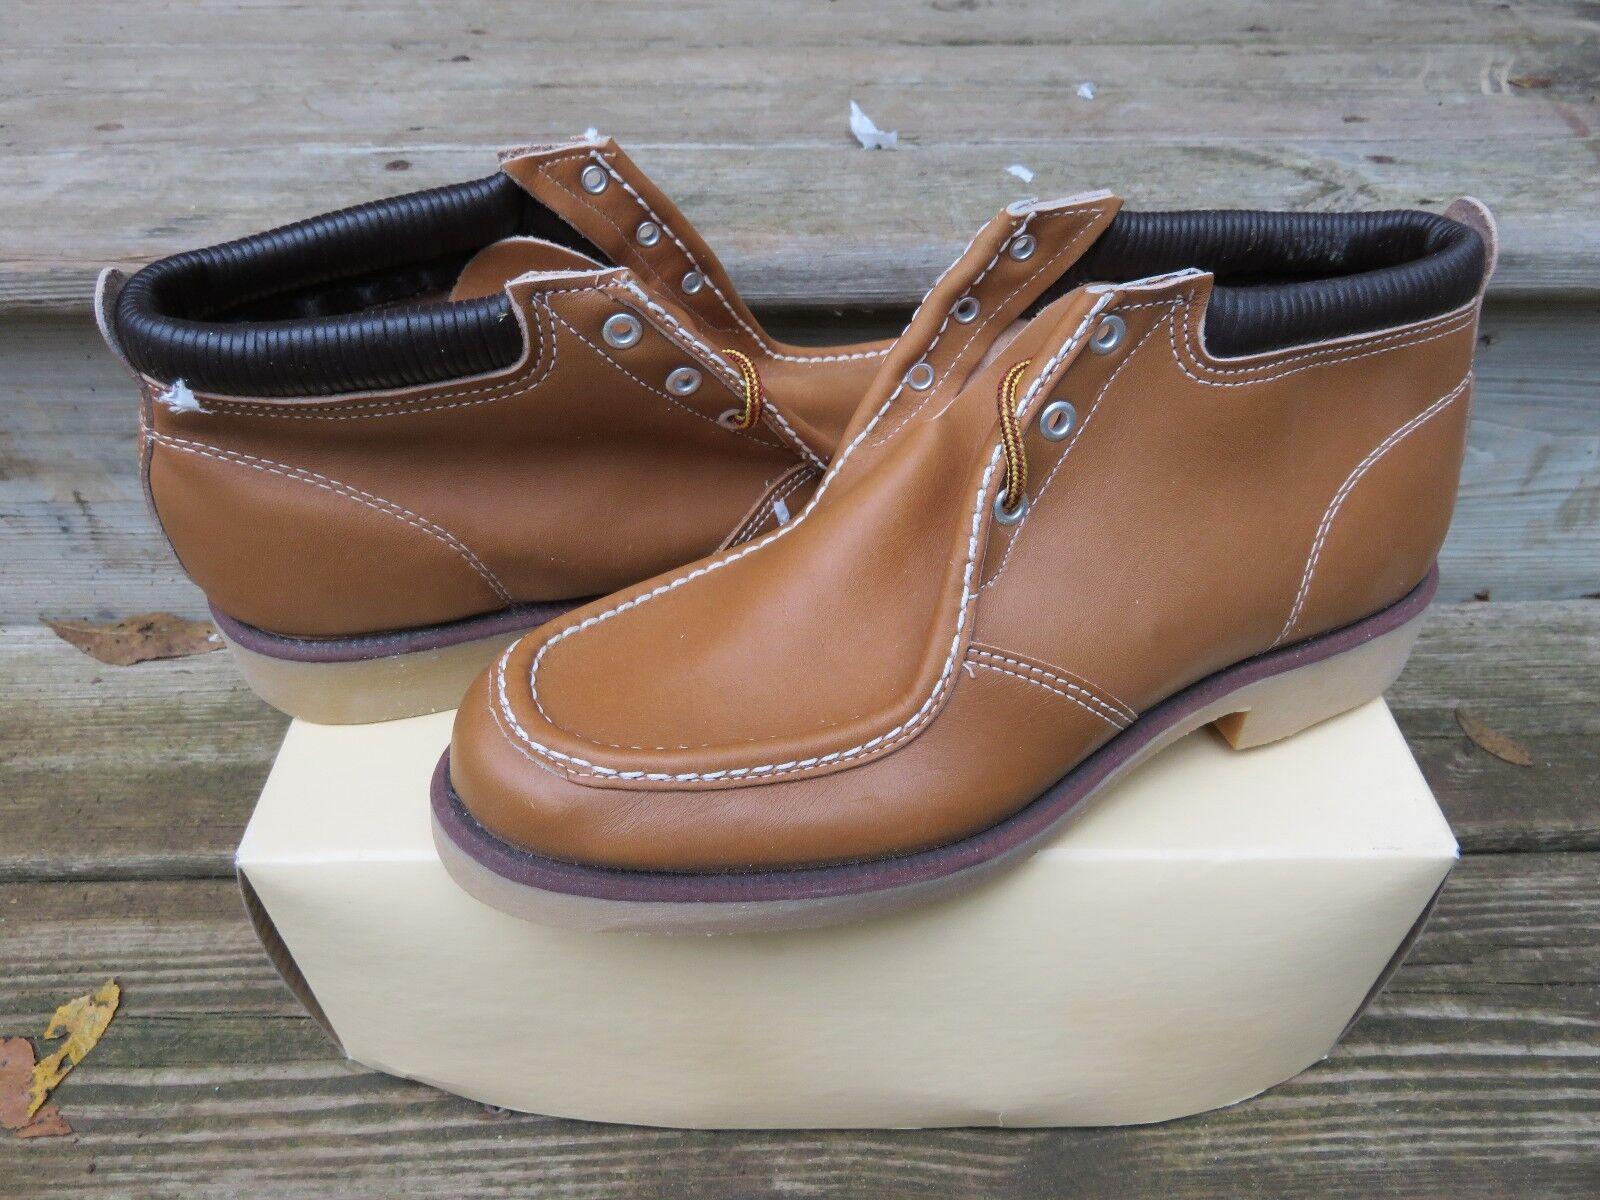 prodotti creativi Vintage Tan Nail-Less Leather All Purpose Uomo Uomo Uomo Casual stivali Sz10 New in Box NOS  Sconto del 40%